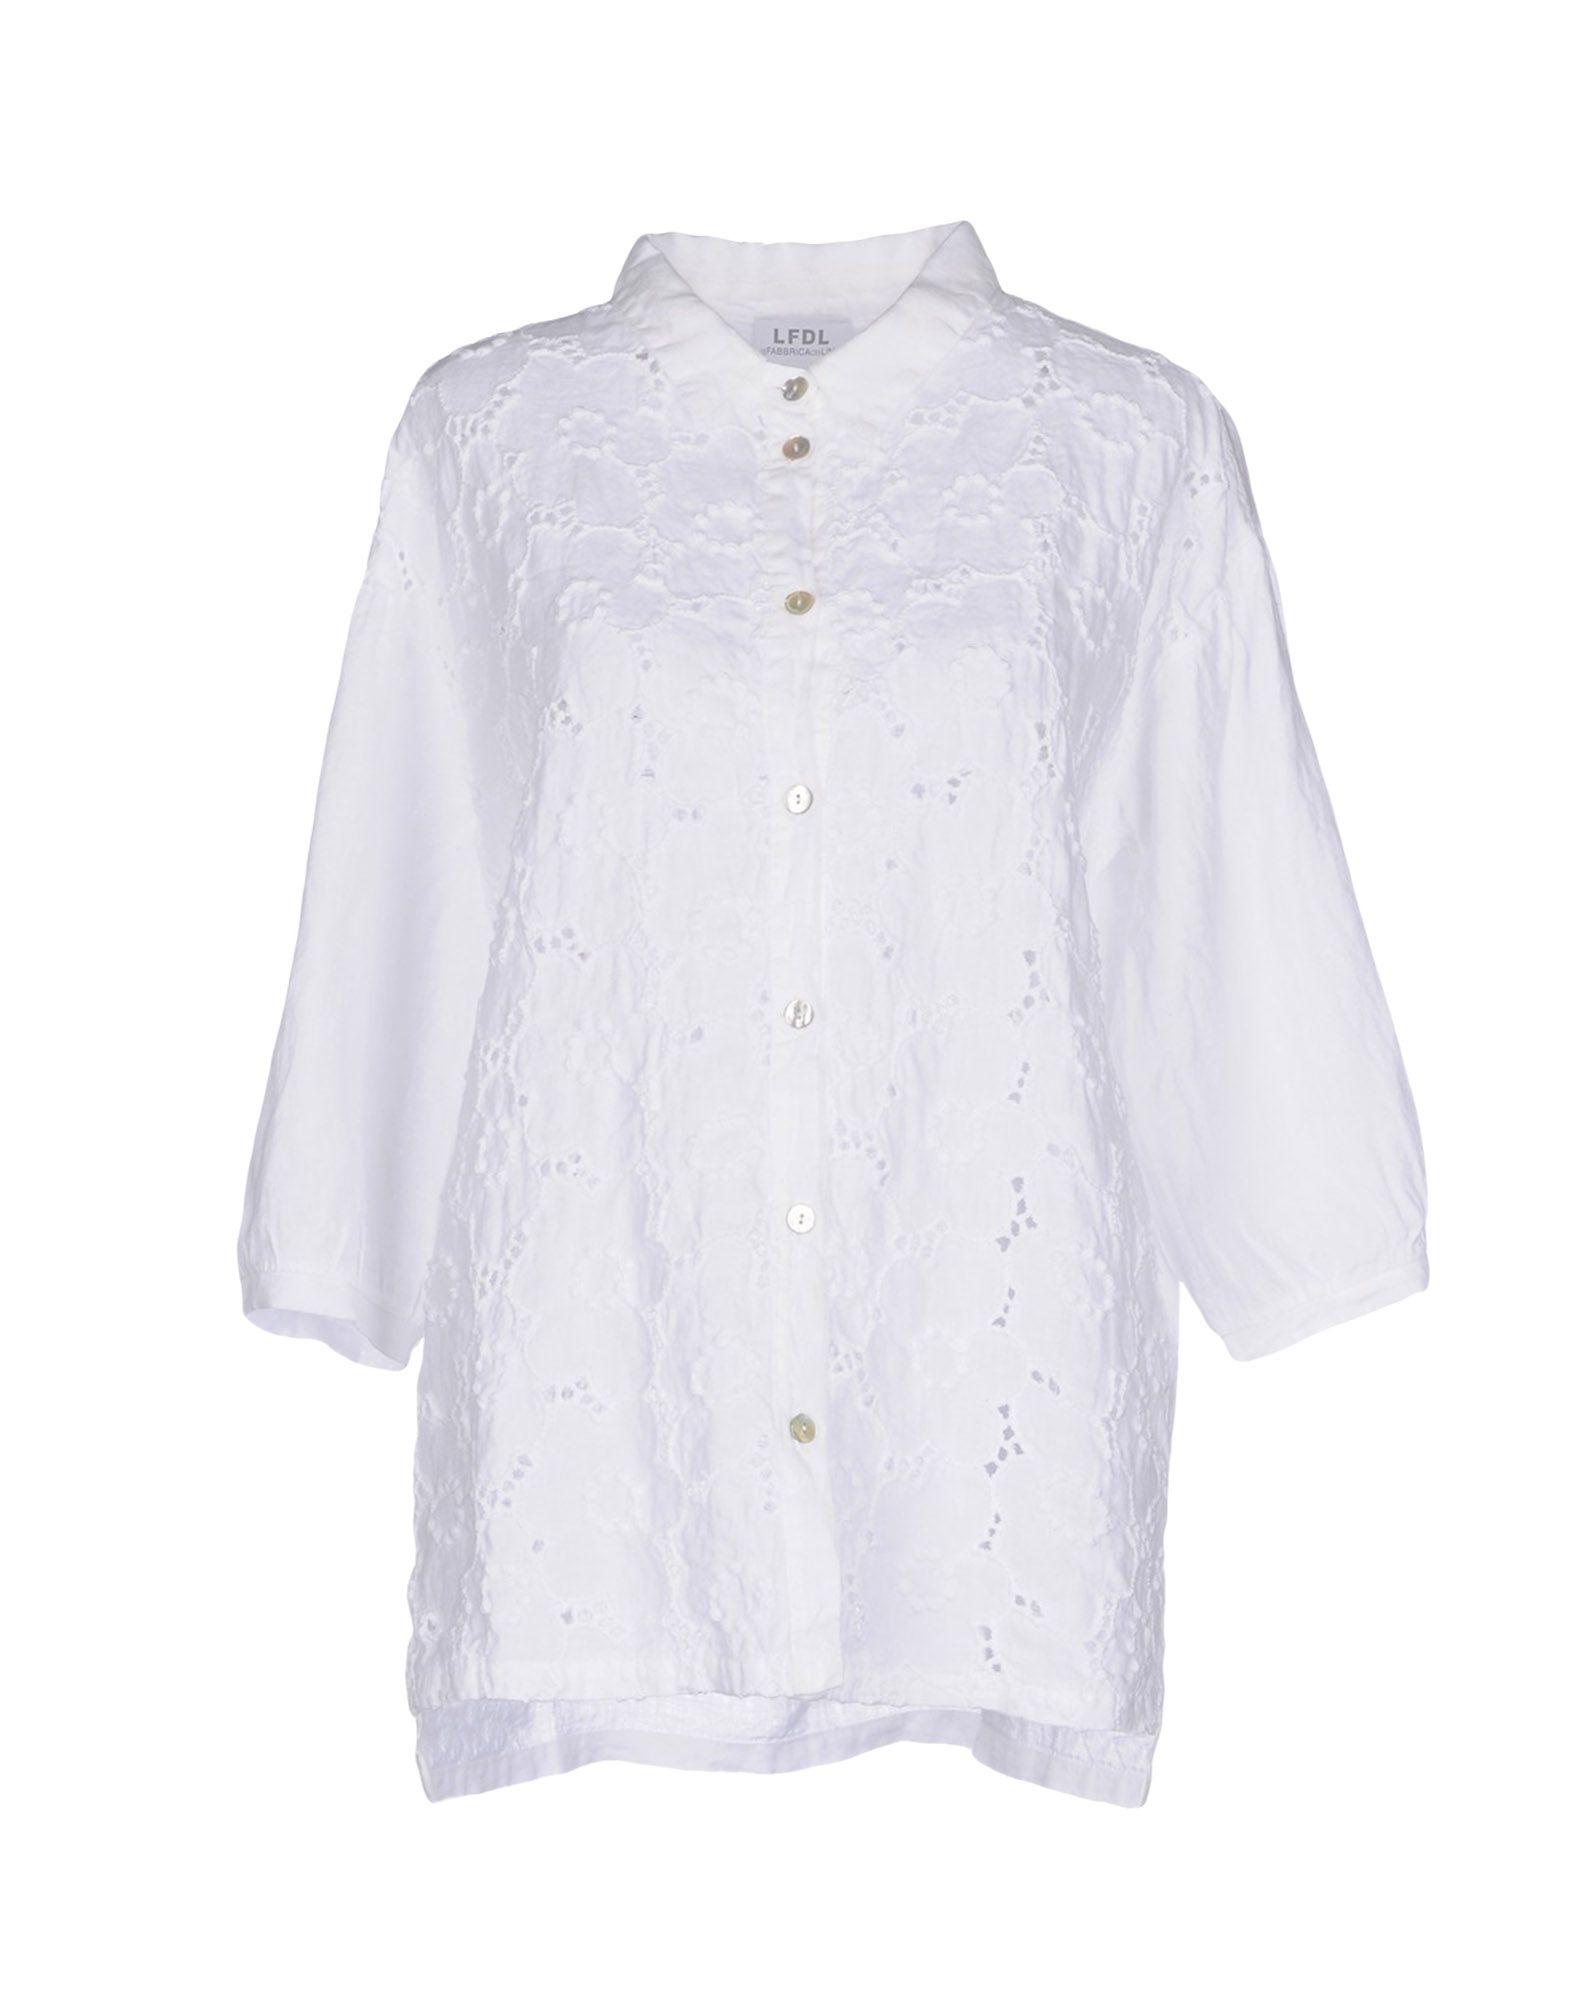 LA FABBRICA del LINO Damen Hemd Farbe Weiß Größe 5